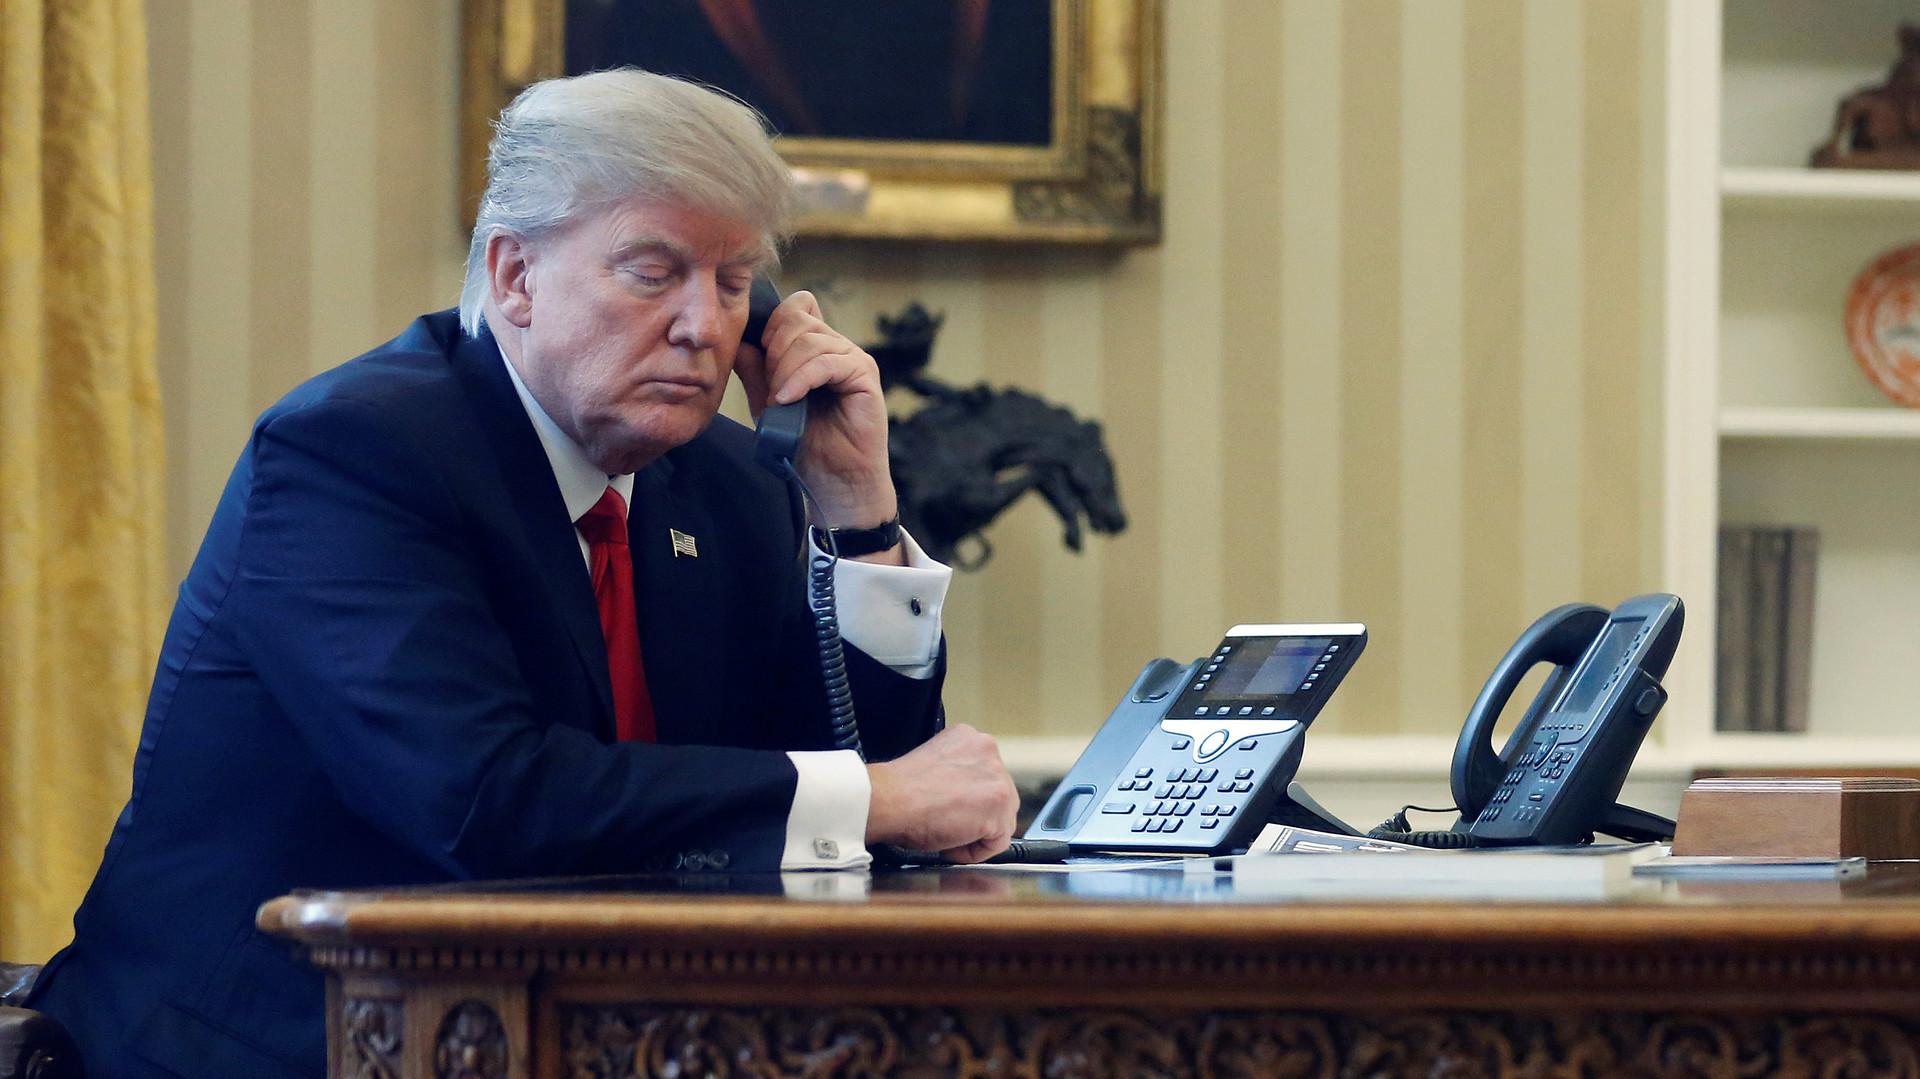 В три предложения: Трамп обсудил с Порошенко обострение ситуации в Донбассе